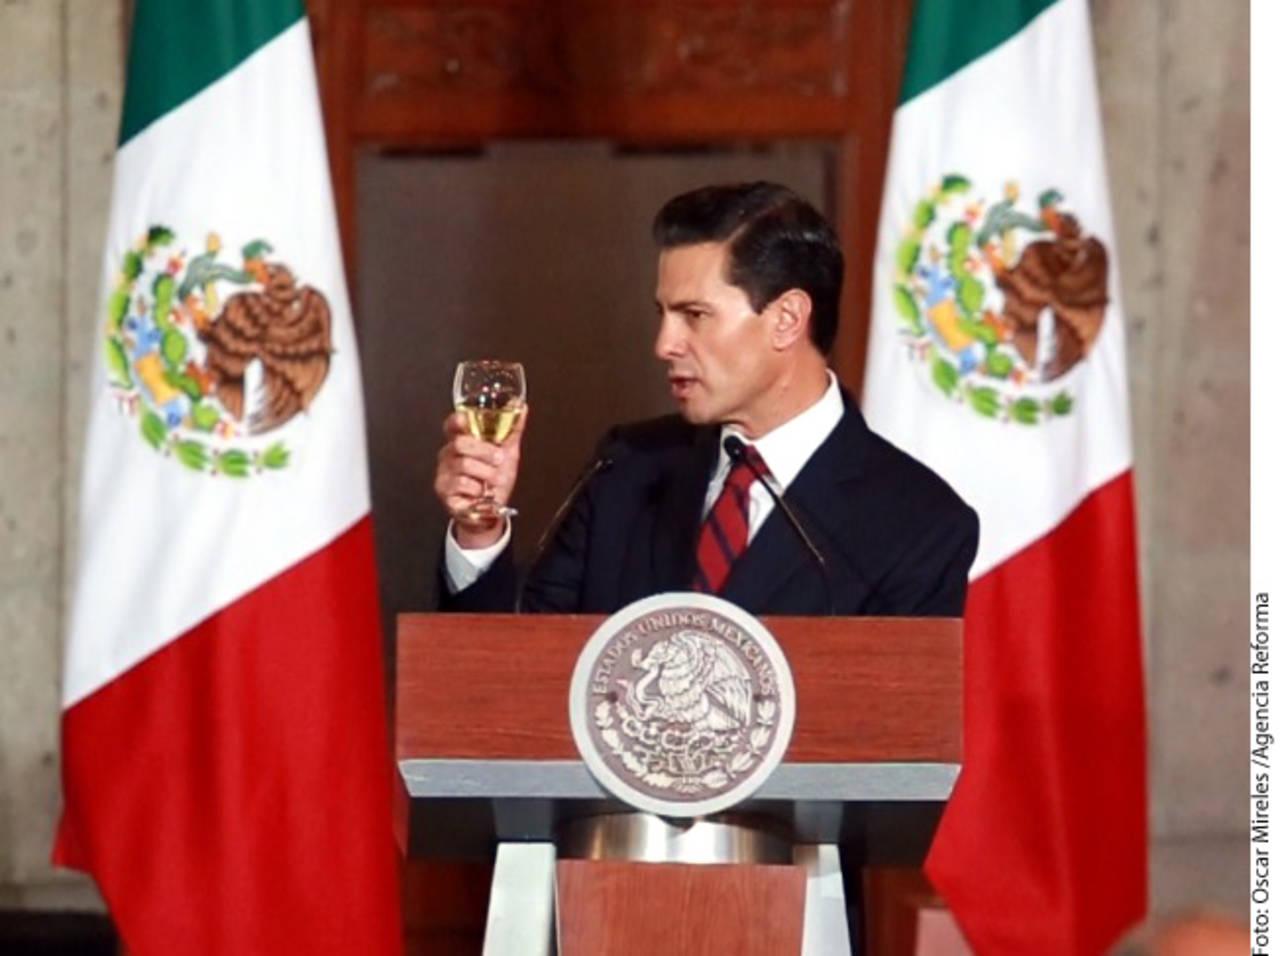 México no pagará muro, insiste Peña